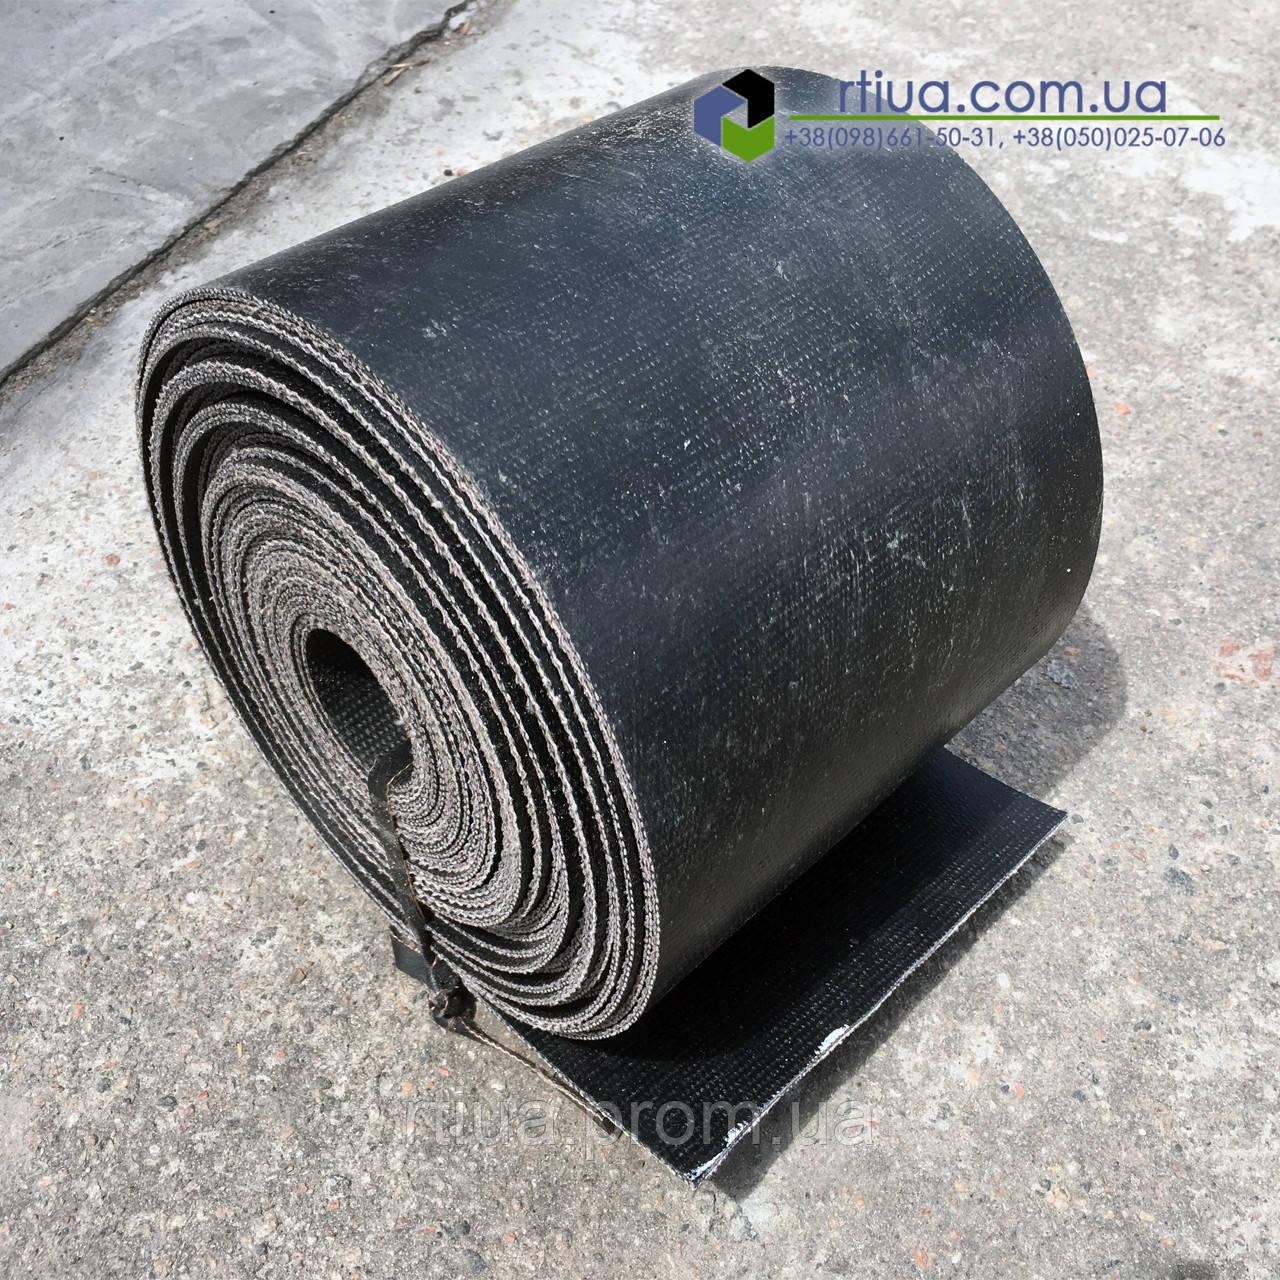 Транспортерная лента БКНЛ, 1200х5 мм